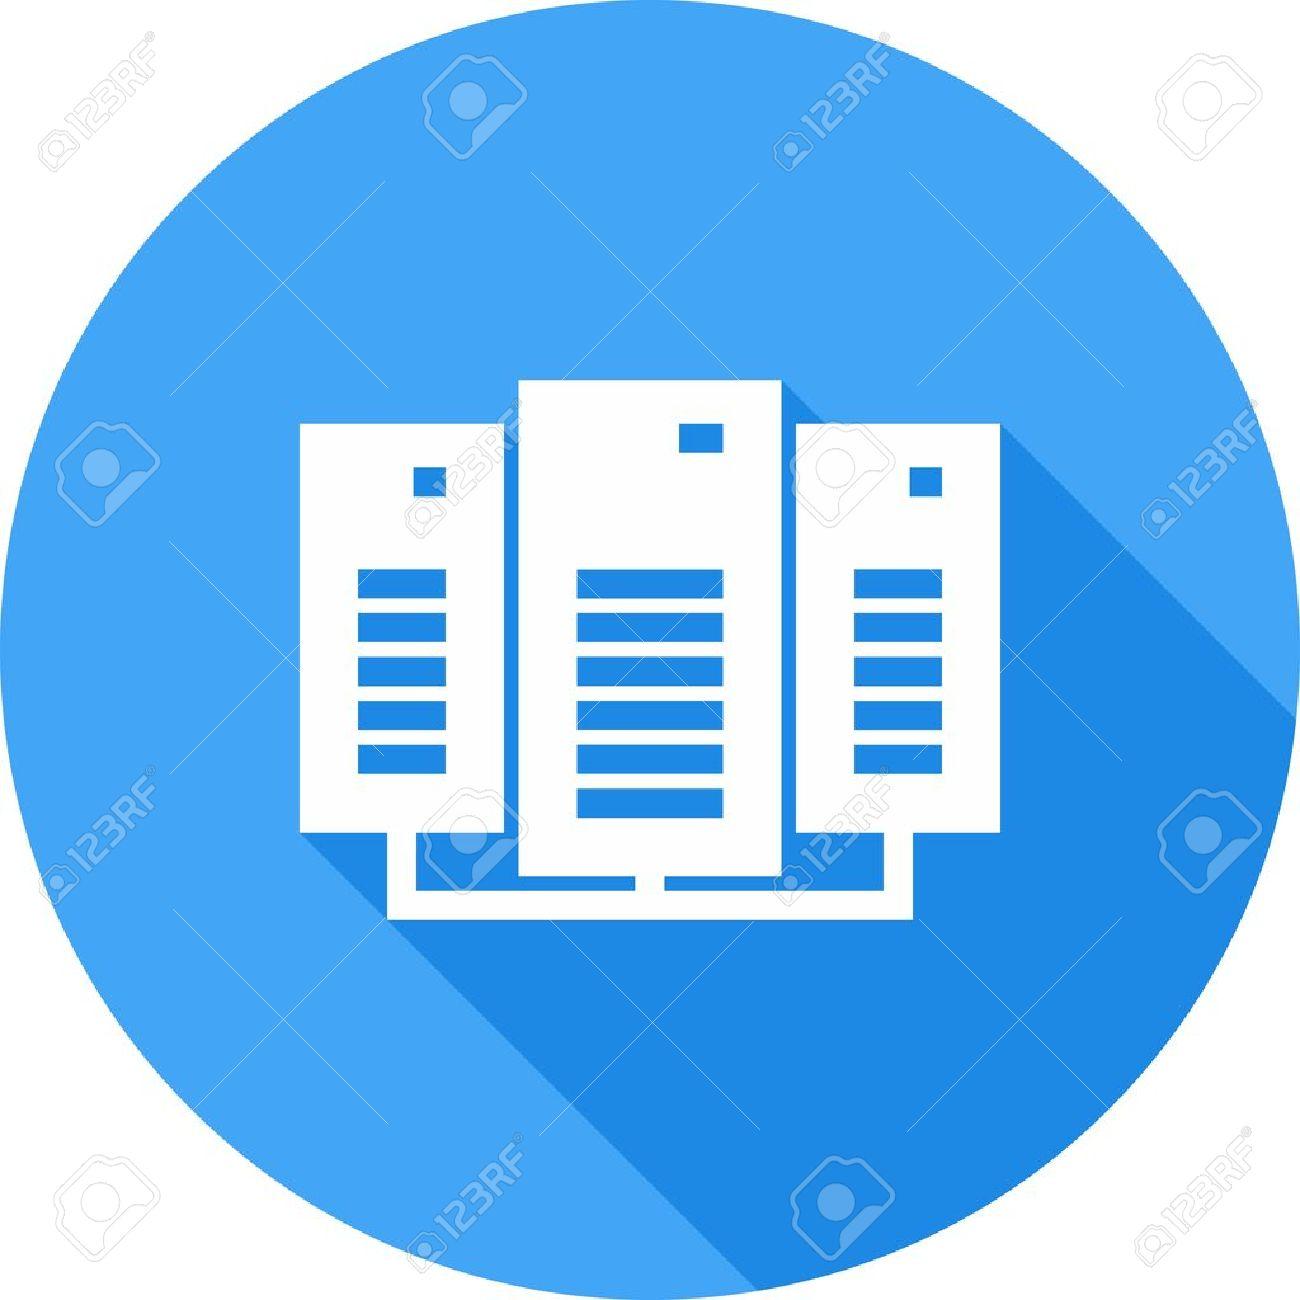 Daten-Center, Netzwerk, Server-Symbol Vektor-Bild. Kann Auch Für Die ...